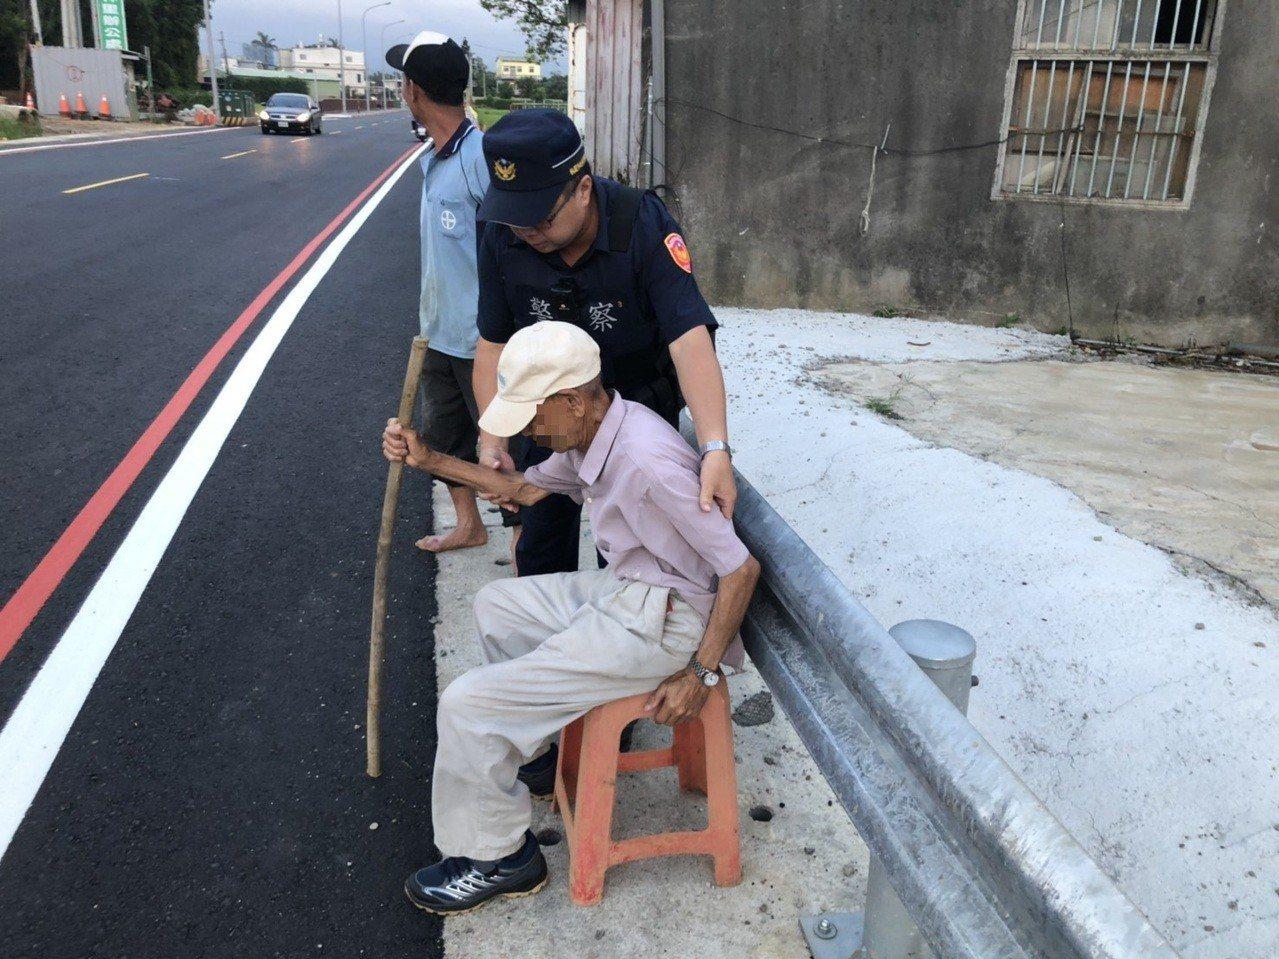 桃園市92歲鄧姓老翁外出散步,迷途離住家10公里遠路旁,警方獲報協助查明身分,送...